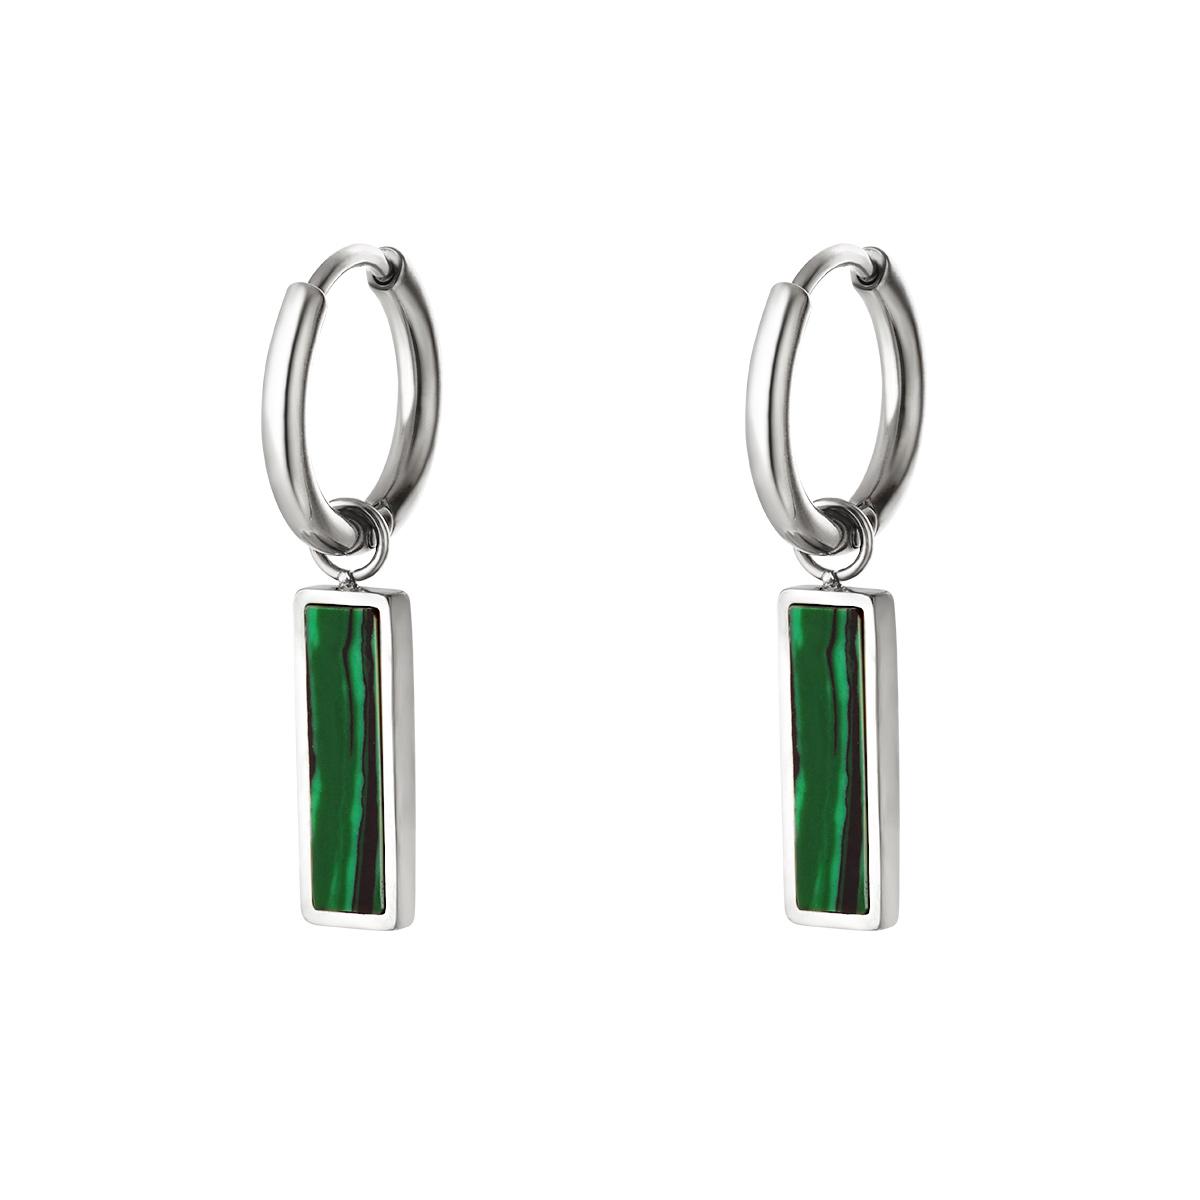 Green bar earrings